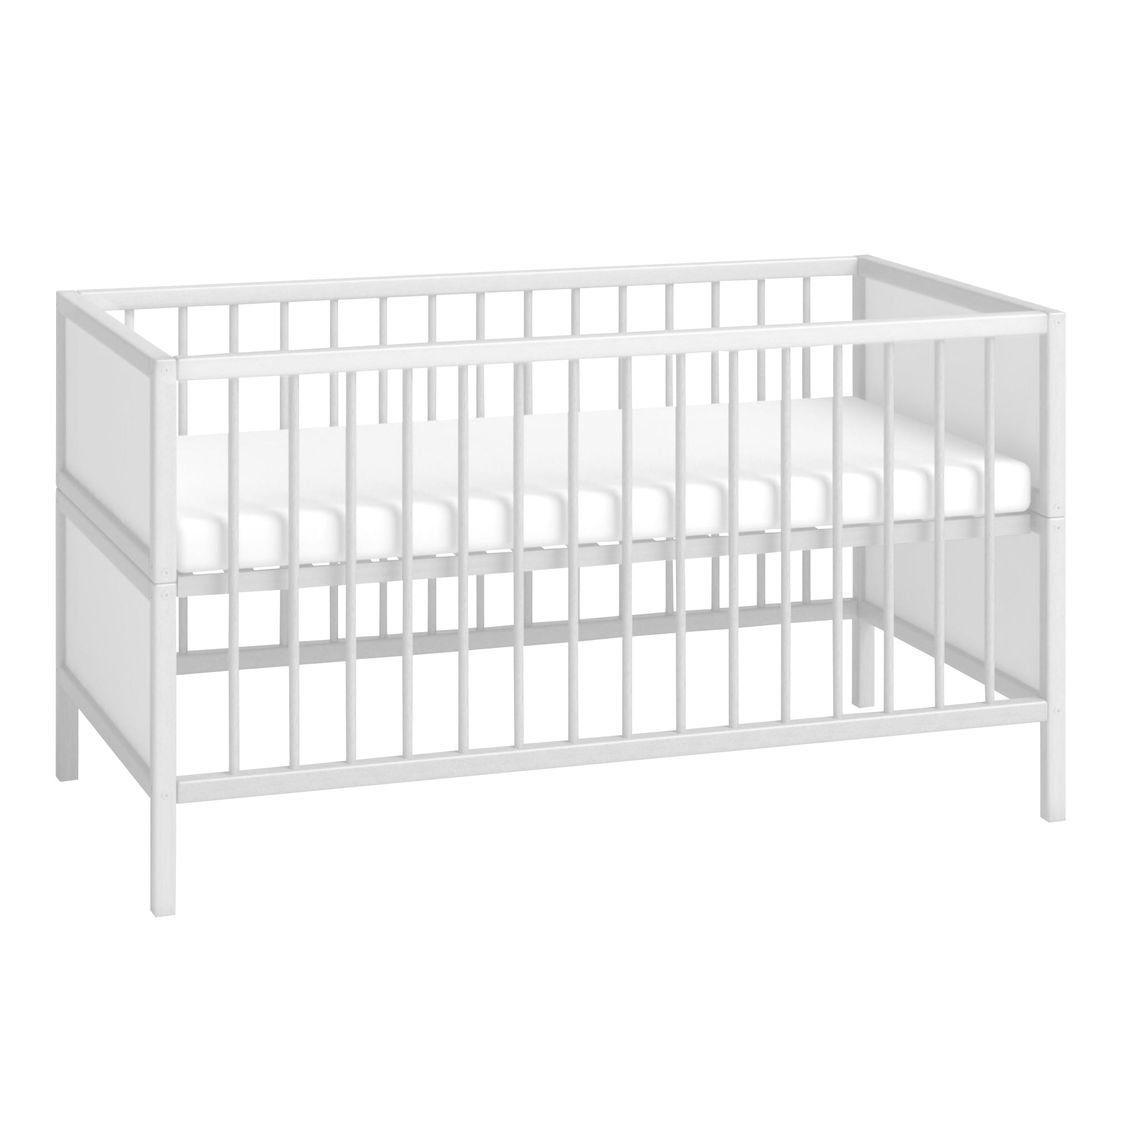 Flötotto Profilsystem flötotto profilsystem baby bed junior bed flötotto